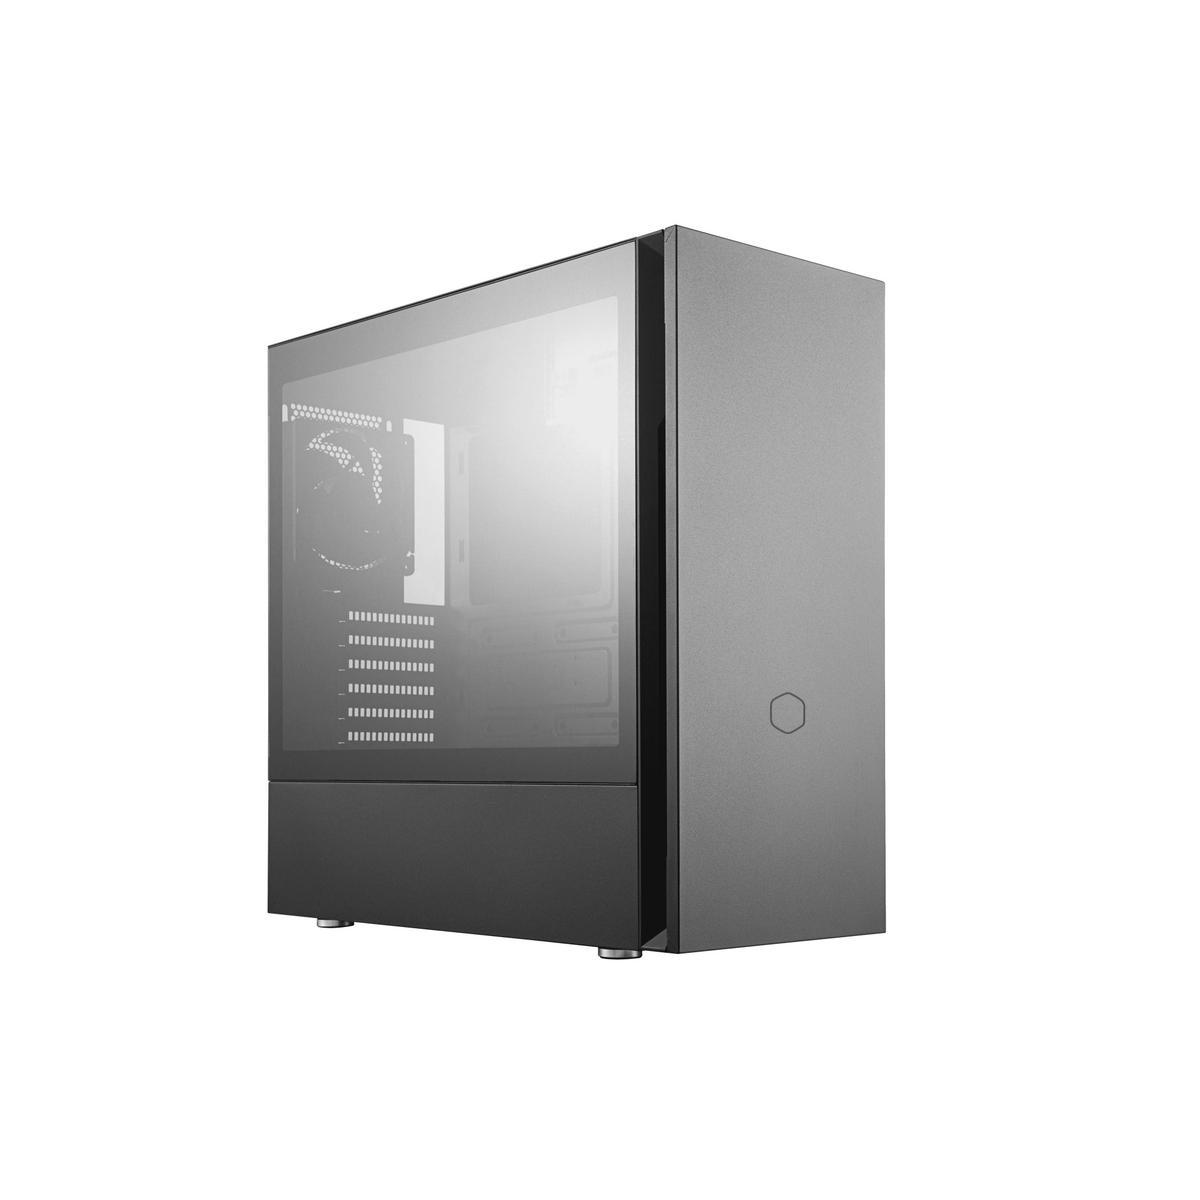 Cooler Master Silencio S600 ATX Mid Tower Case